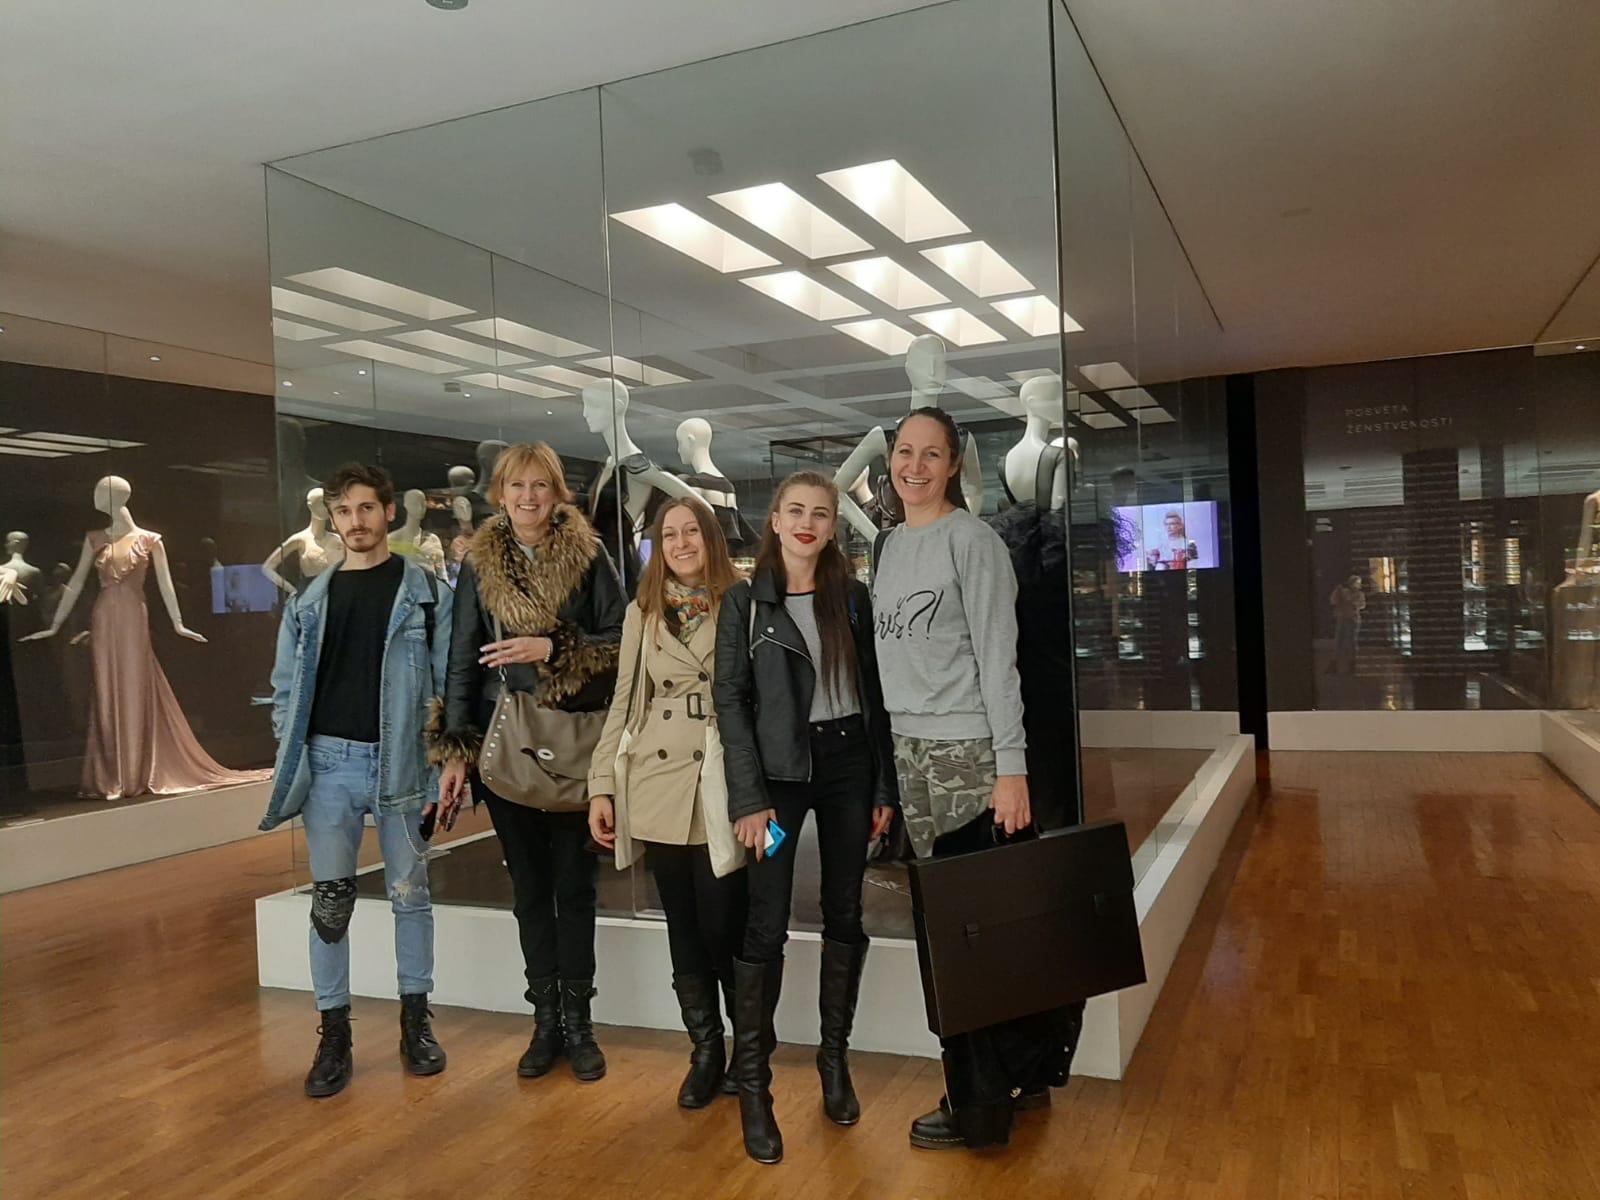 Na izložbi 15 godina eNVy rooma - modna priča koja je započela u Callegarijevim učionicama